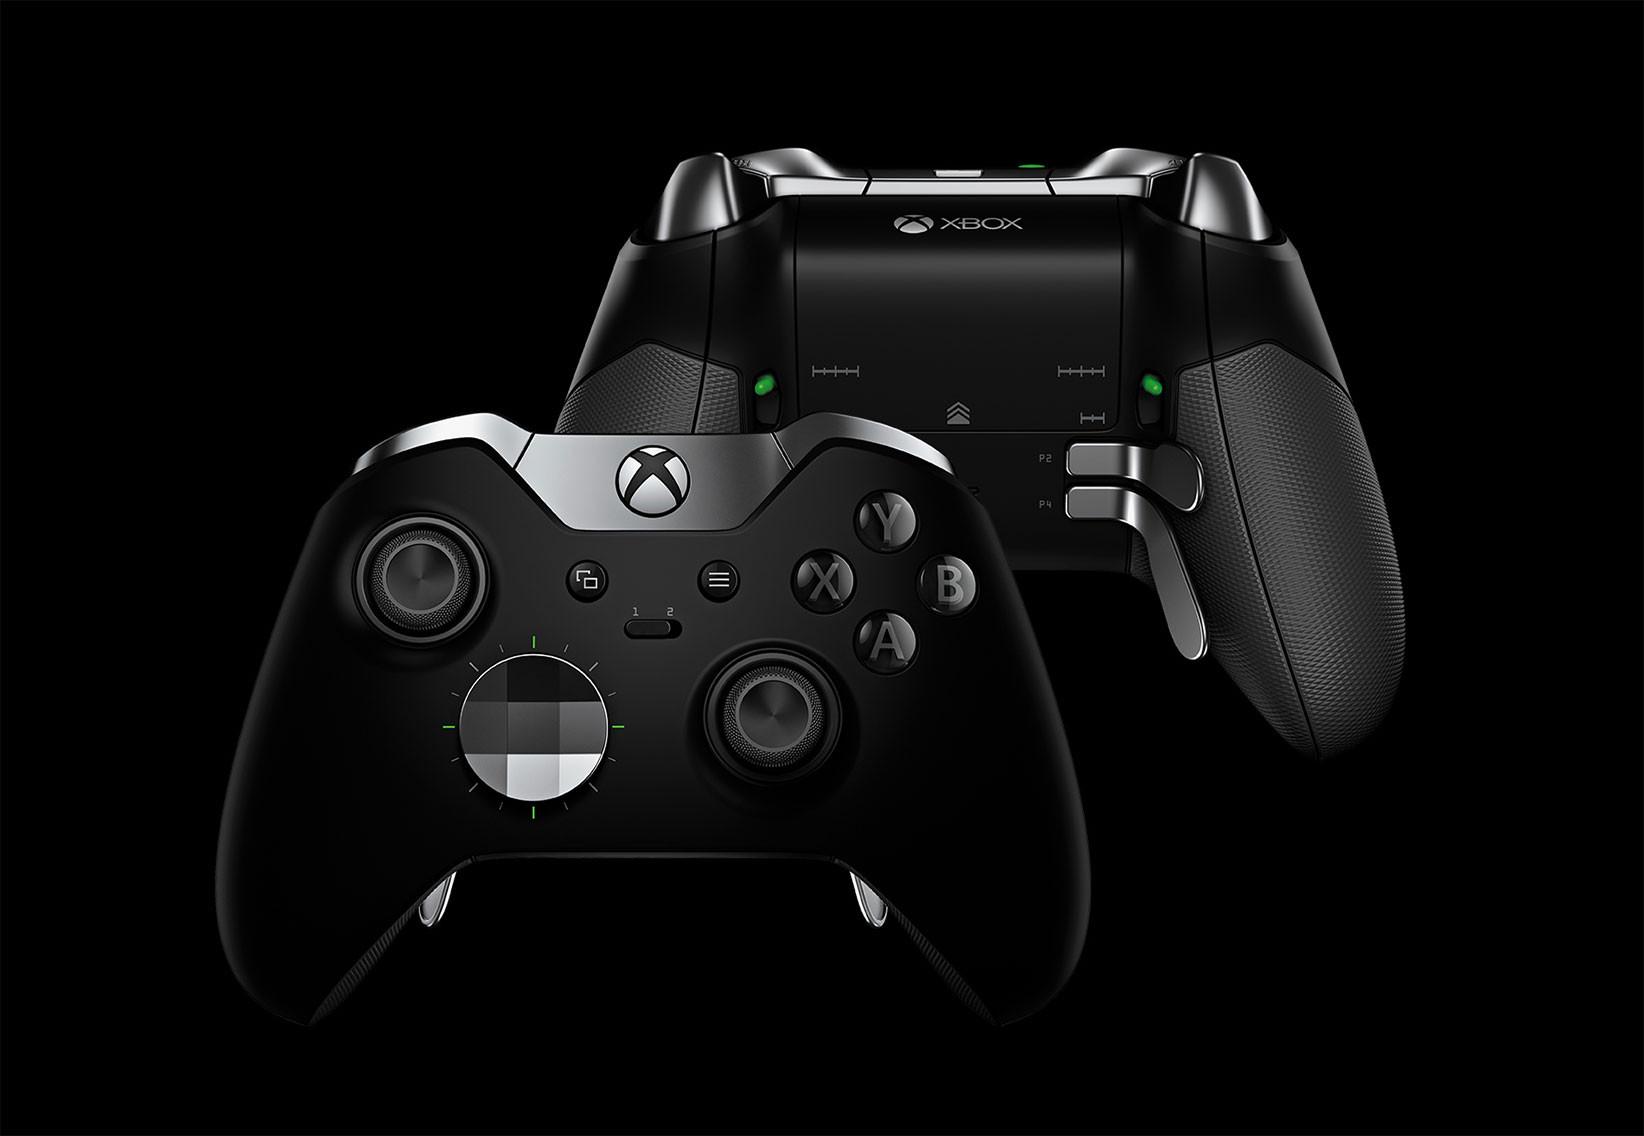 Xbox Elite Wireless Controller: Auflagefläche bzw. Digikreuz sind ebenso austauschbar wie die Sticks. Auf der Rückseite des Pads finden außerdem Kippschalter Halt, die bei Bedarf die Funktion der Buttons ersetzen. Kostenpunkt: 150 Dollar